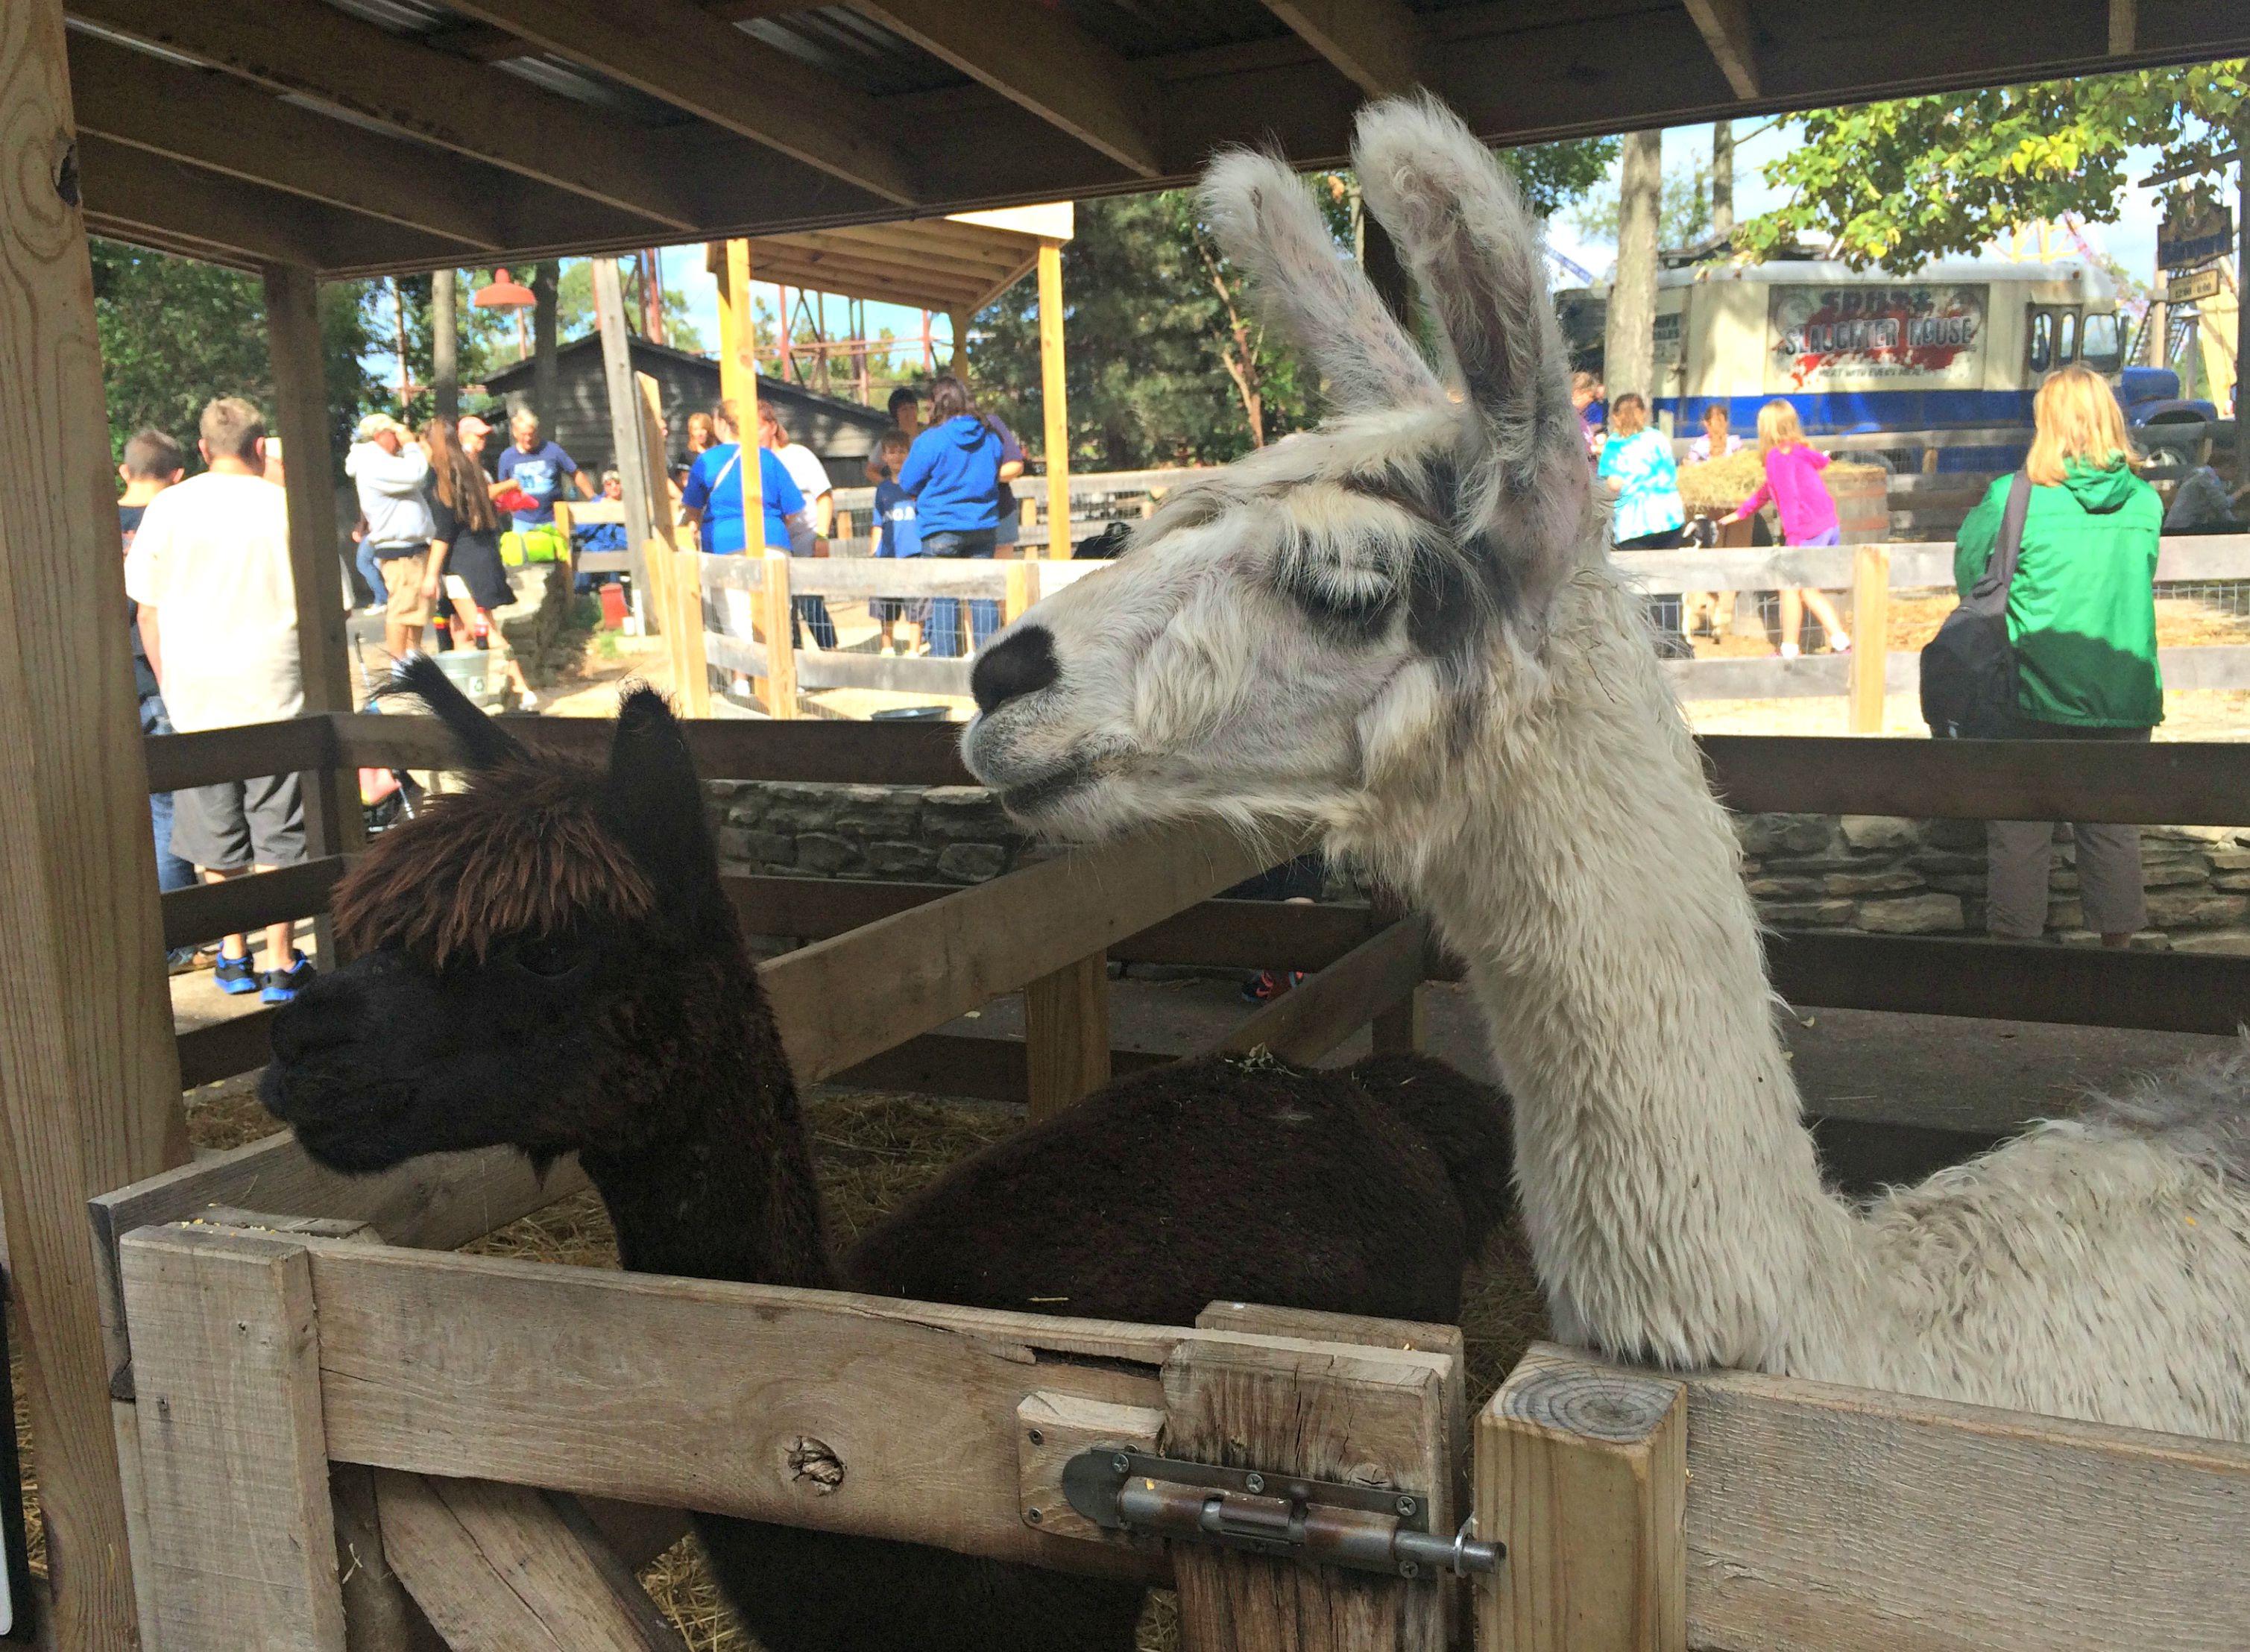 cedar point barnyard llamas